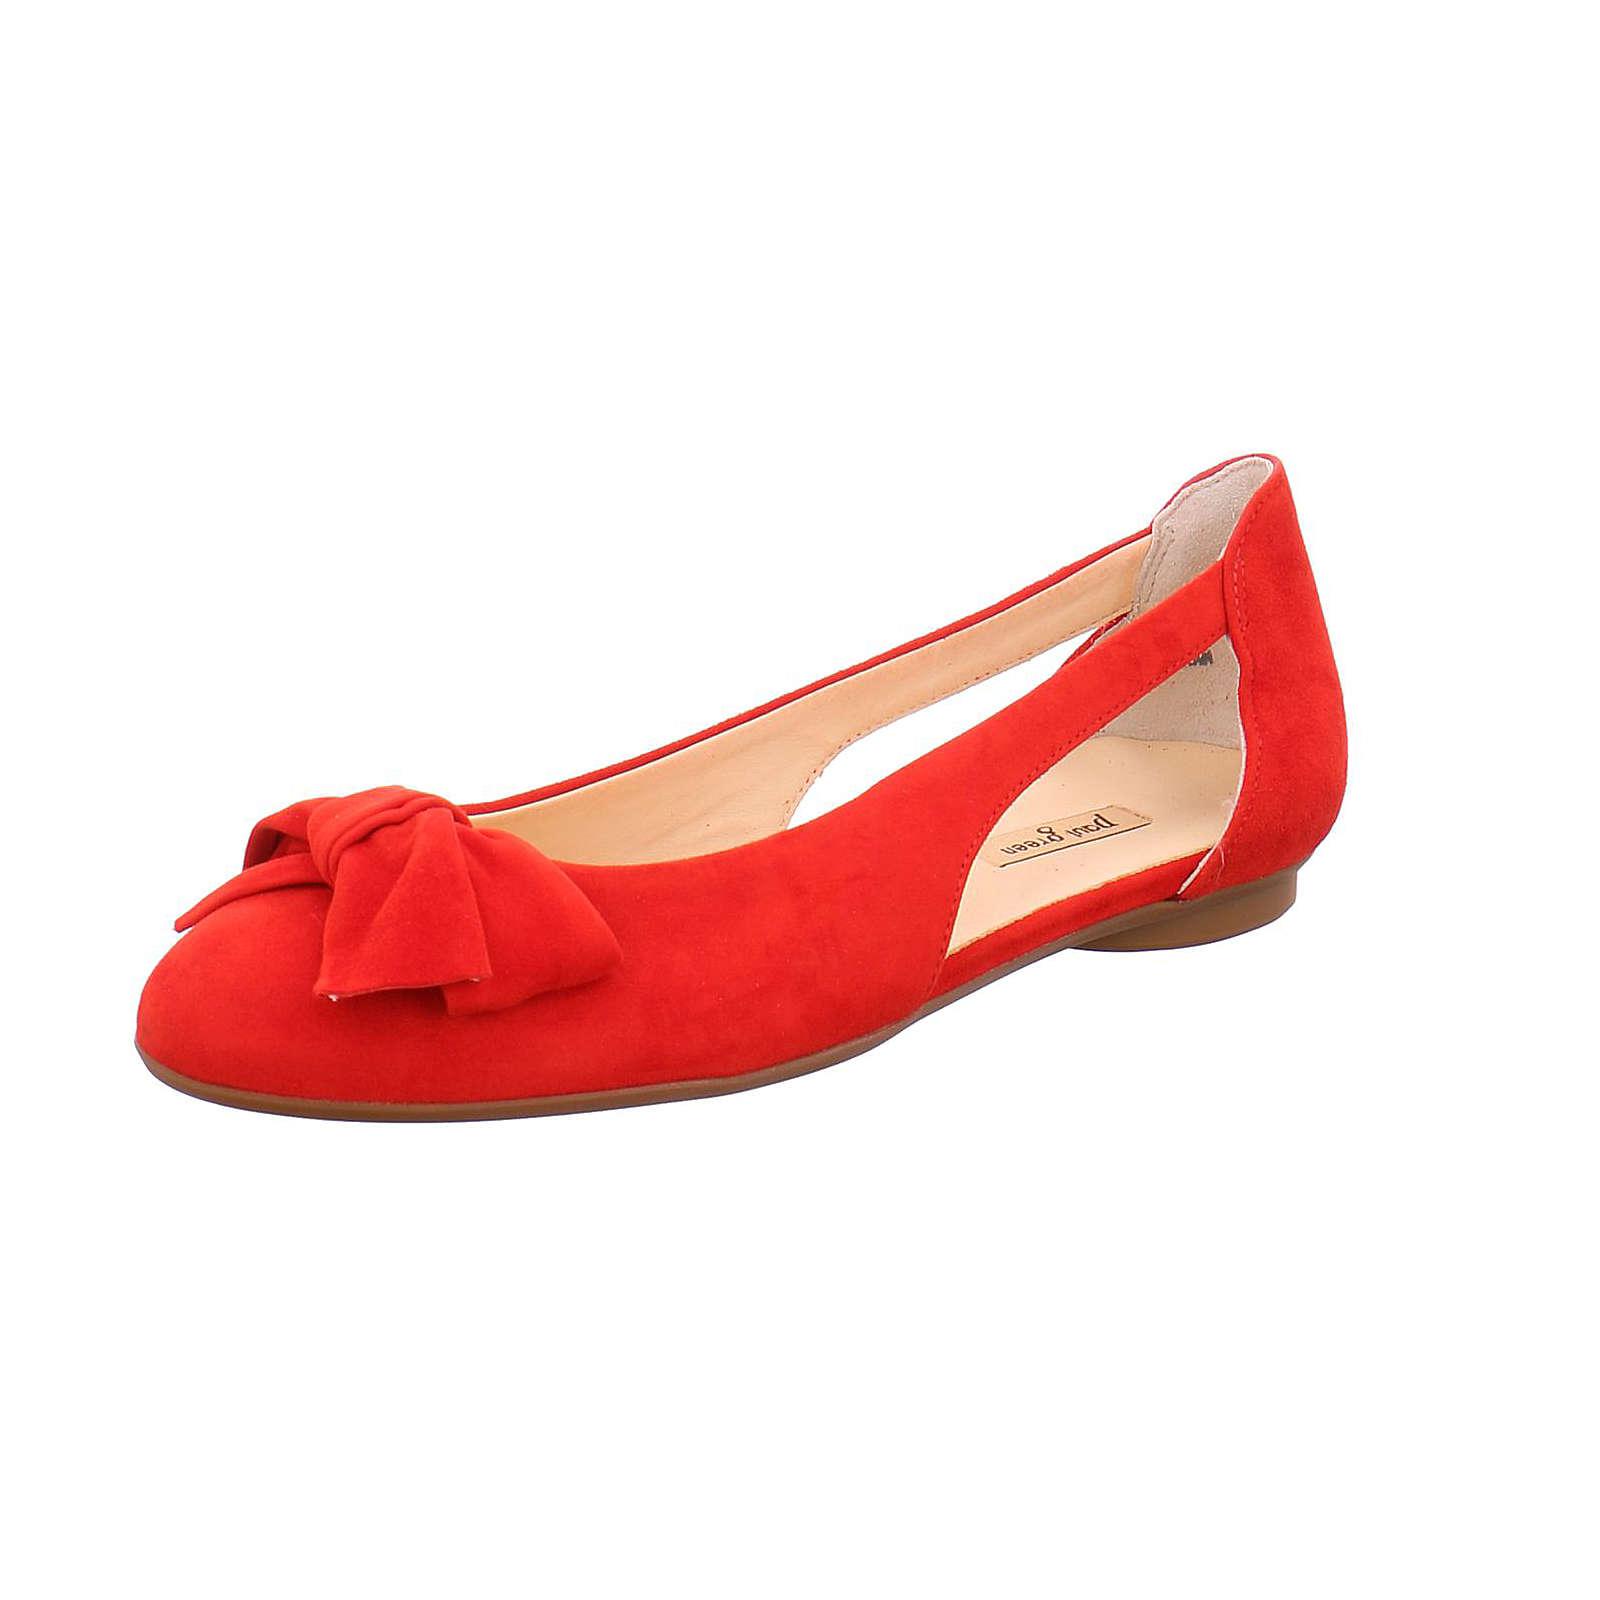 Paul Green Klassische Ballerinas rot Damen Gr. 41